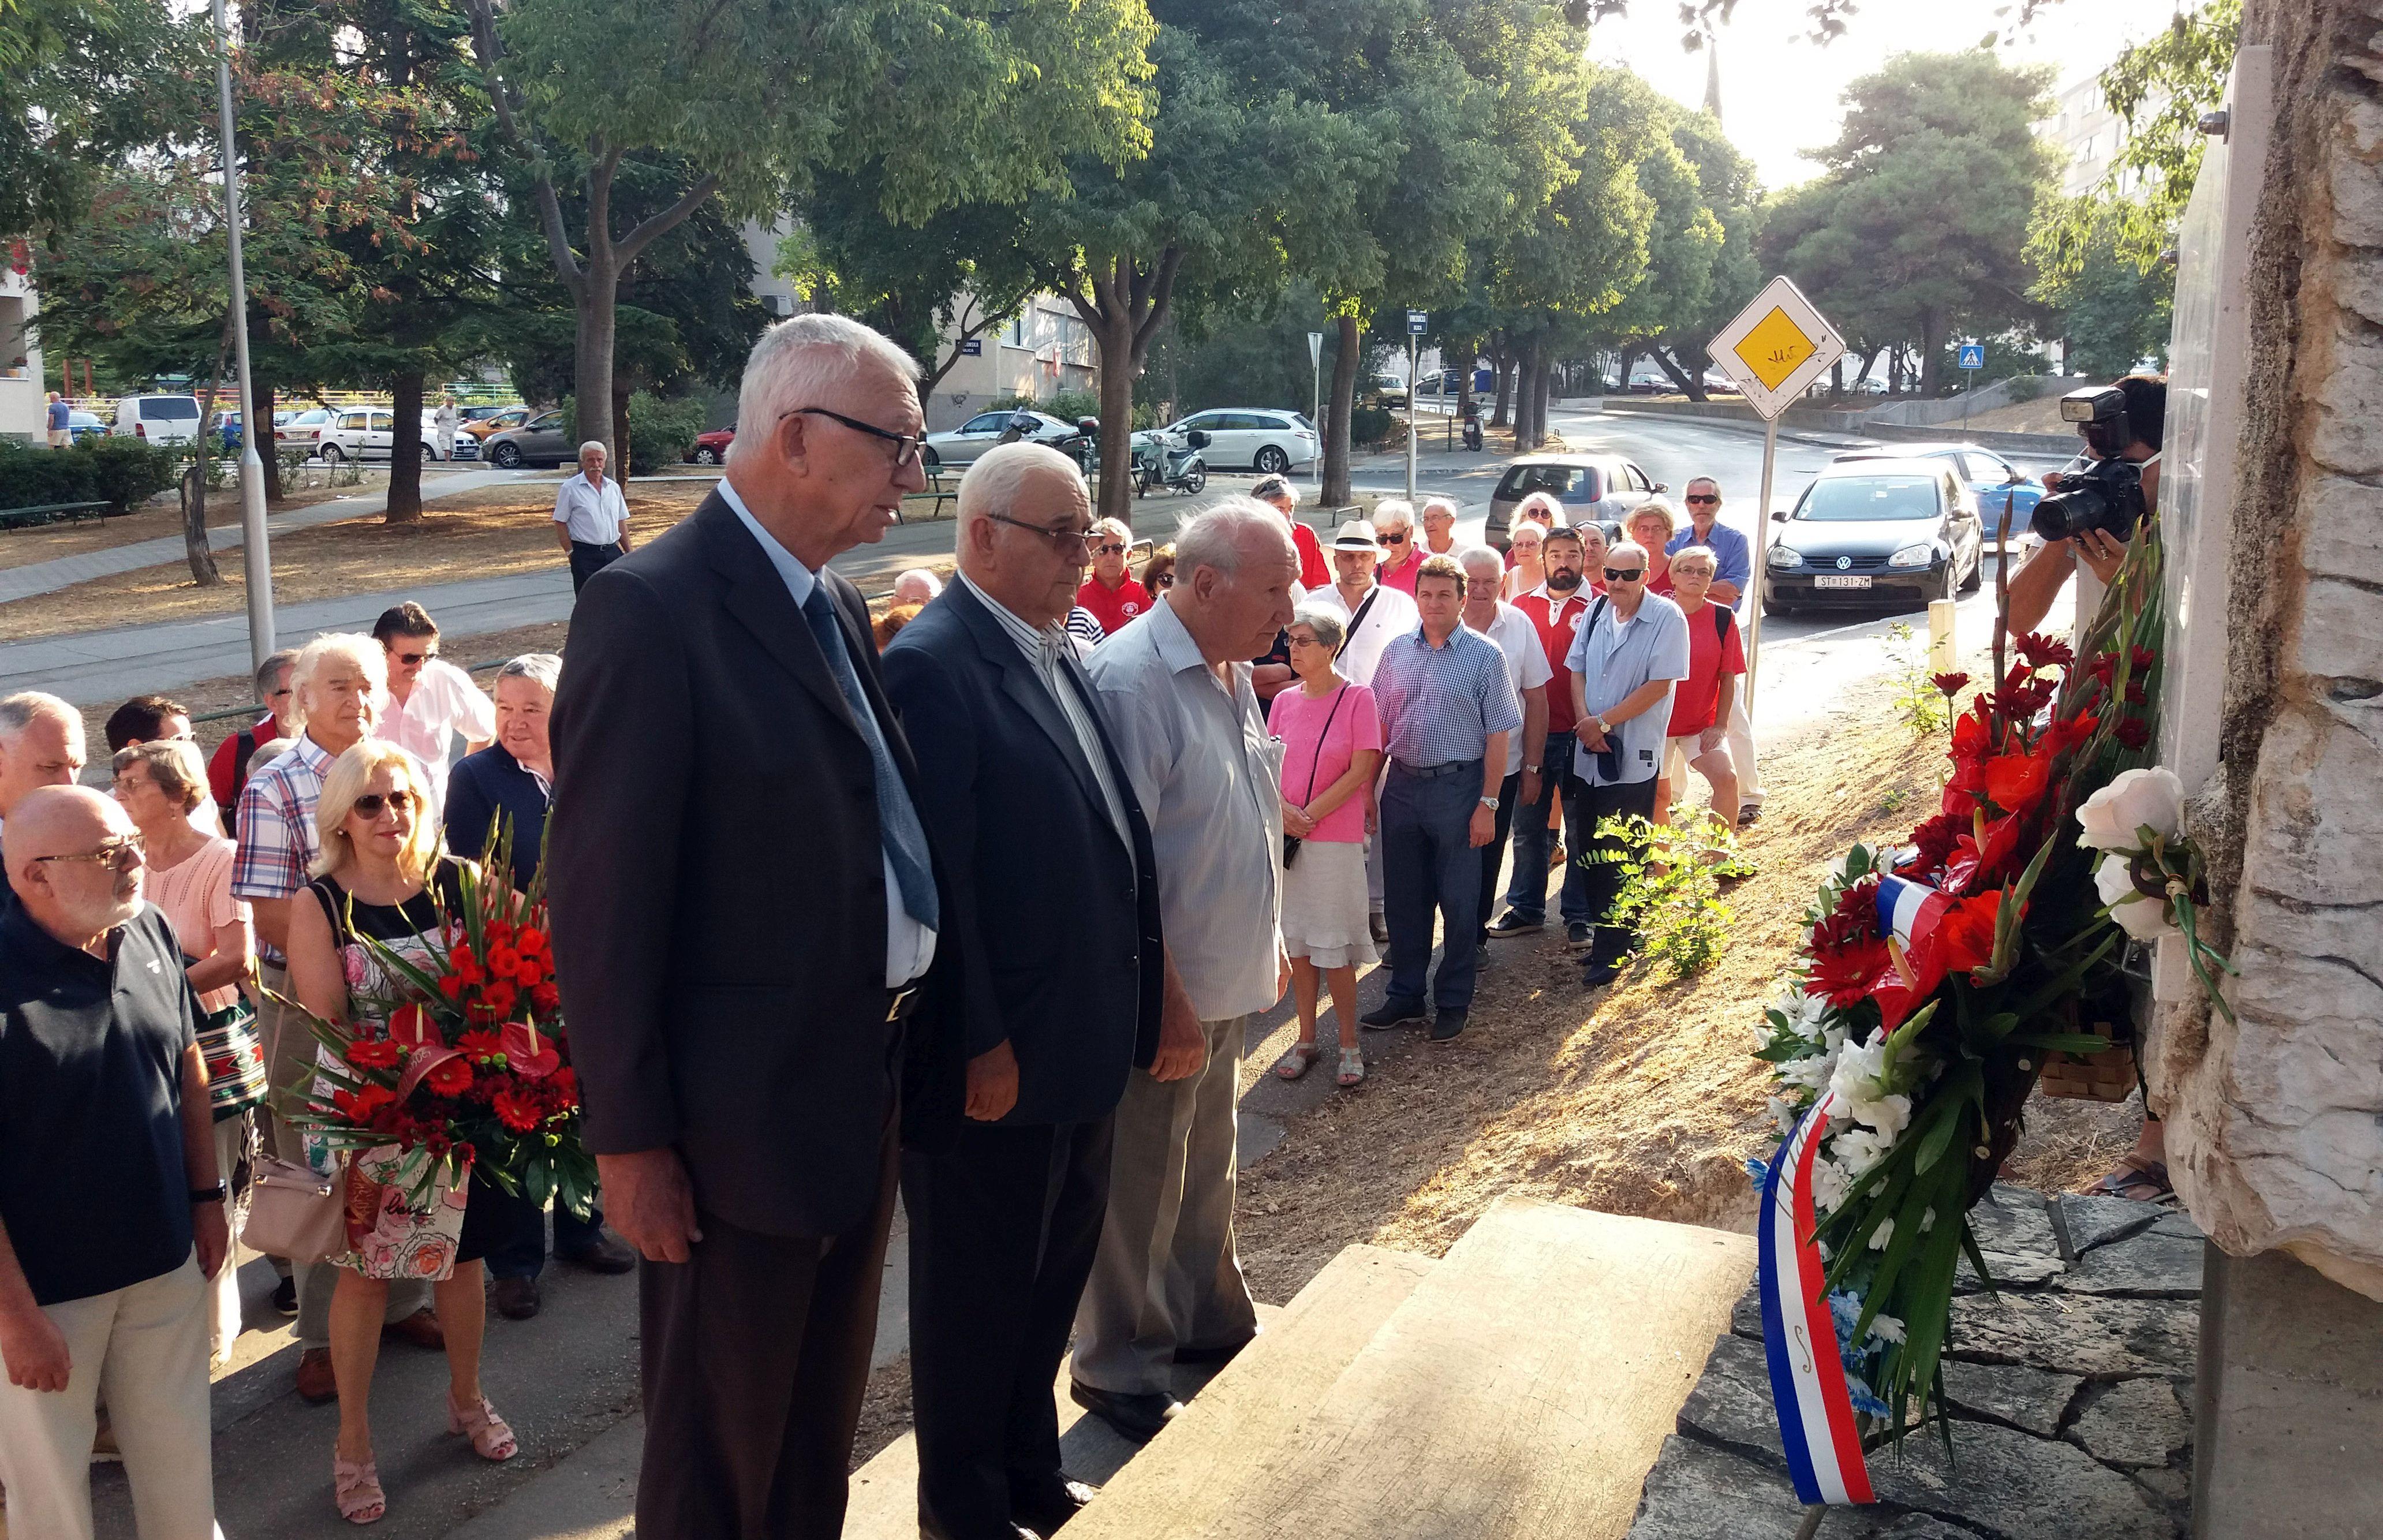 Obilježena 76. obljetnica stradanja mladića iz Prvog splitskog partizanskog odreda